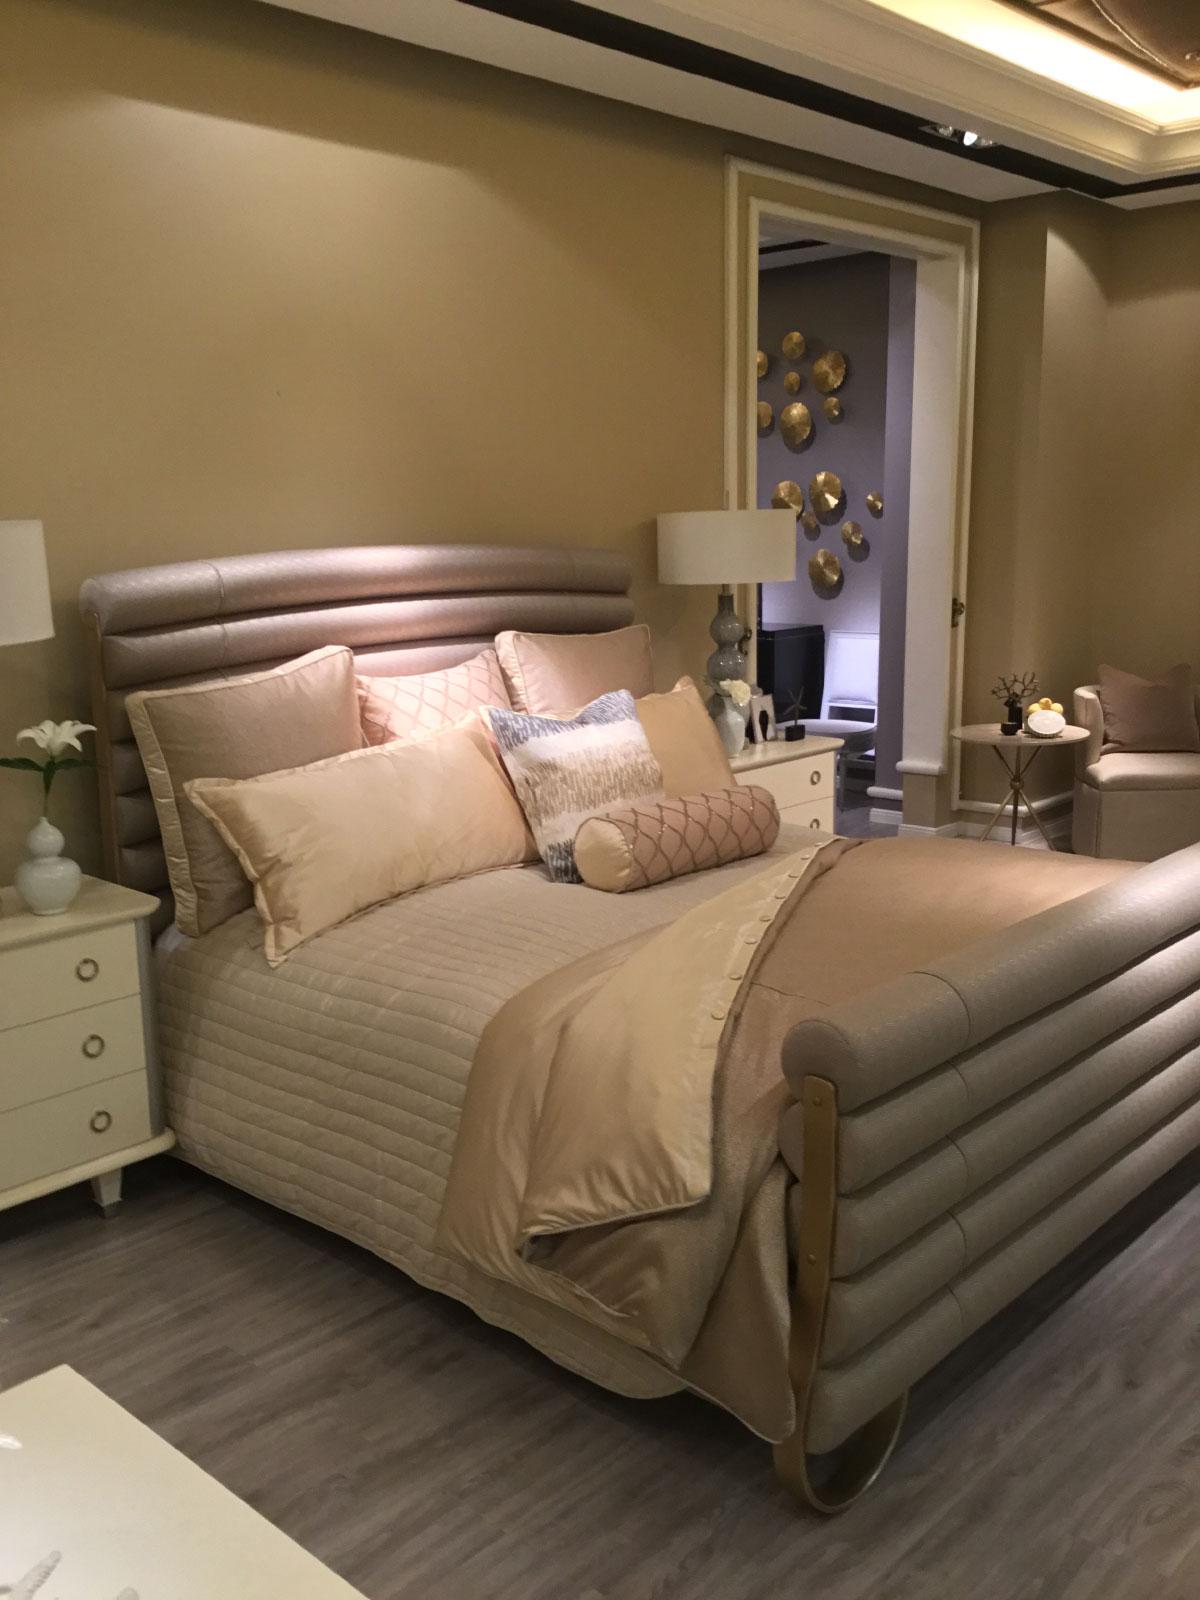 Chaddock Gramercy Bed